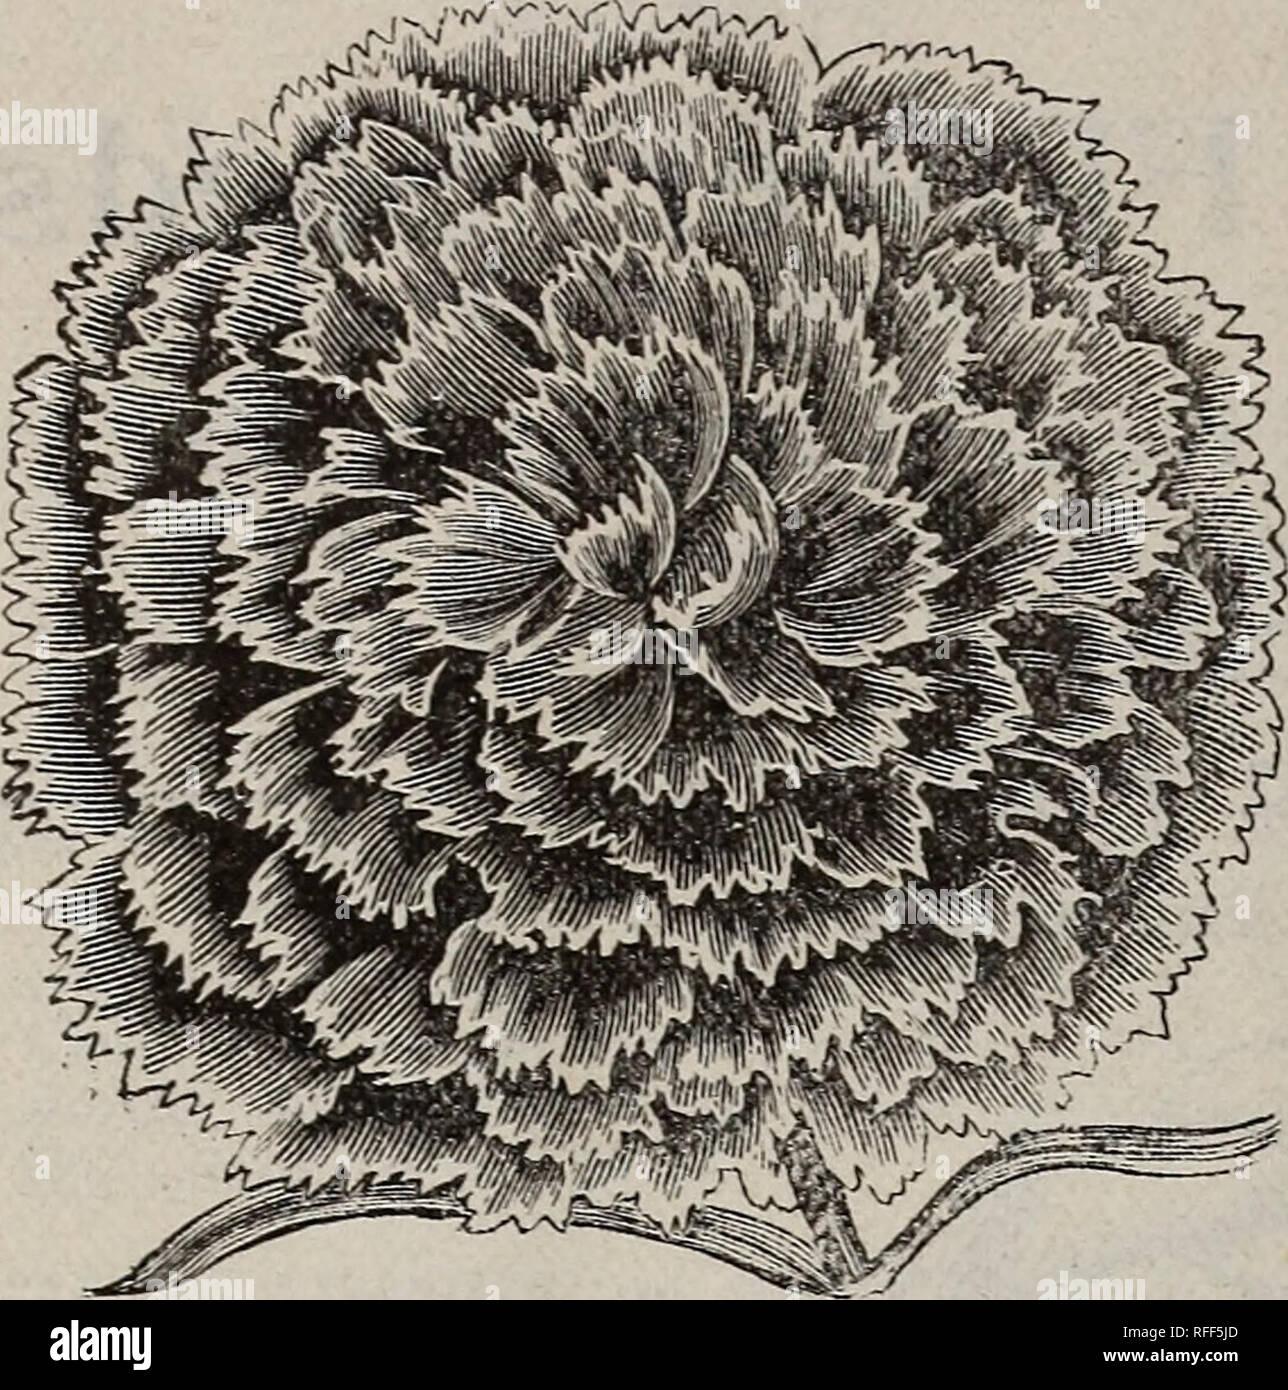 50 graines Delphinium-géant Imperial mix